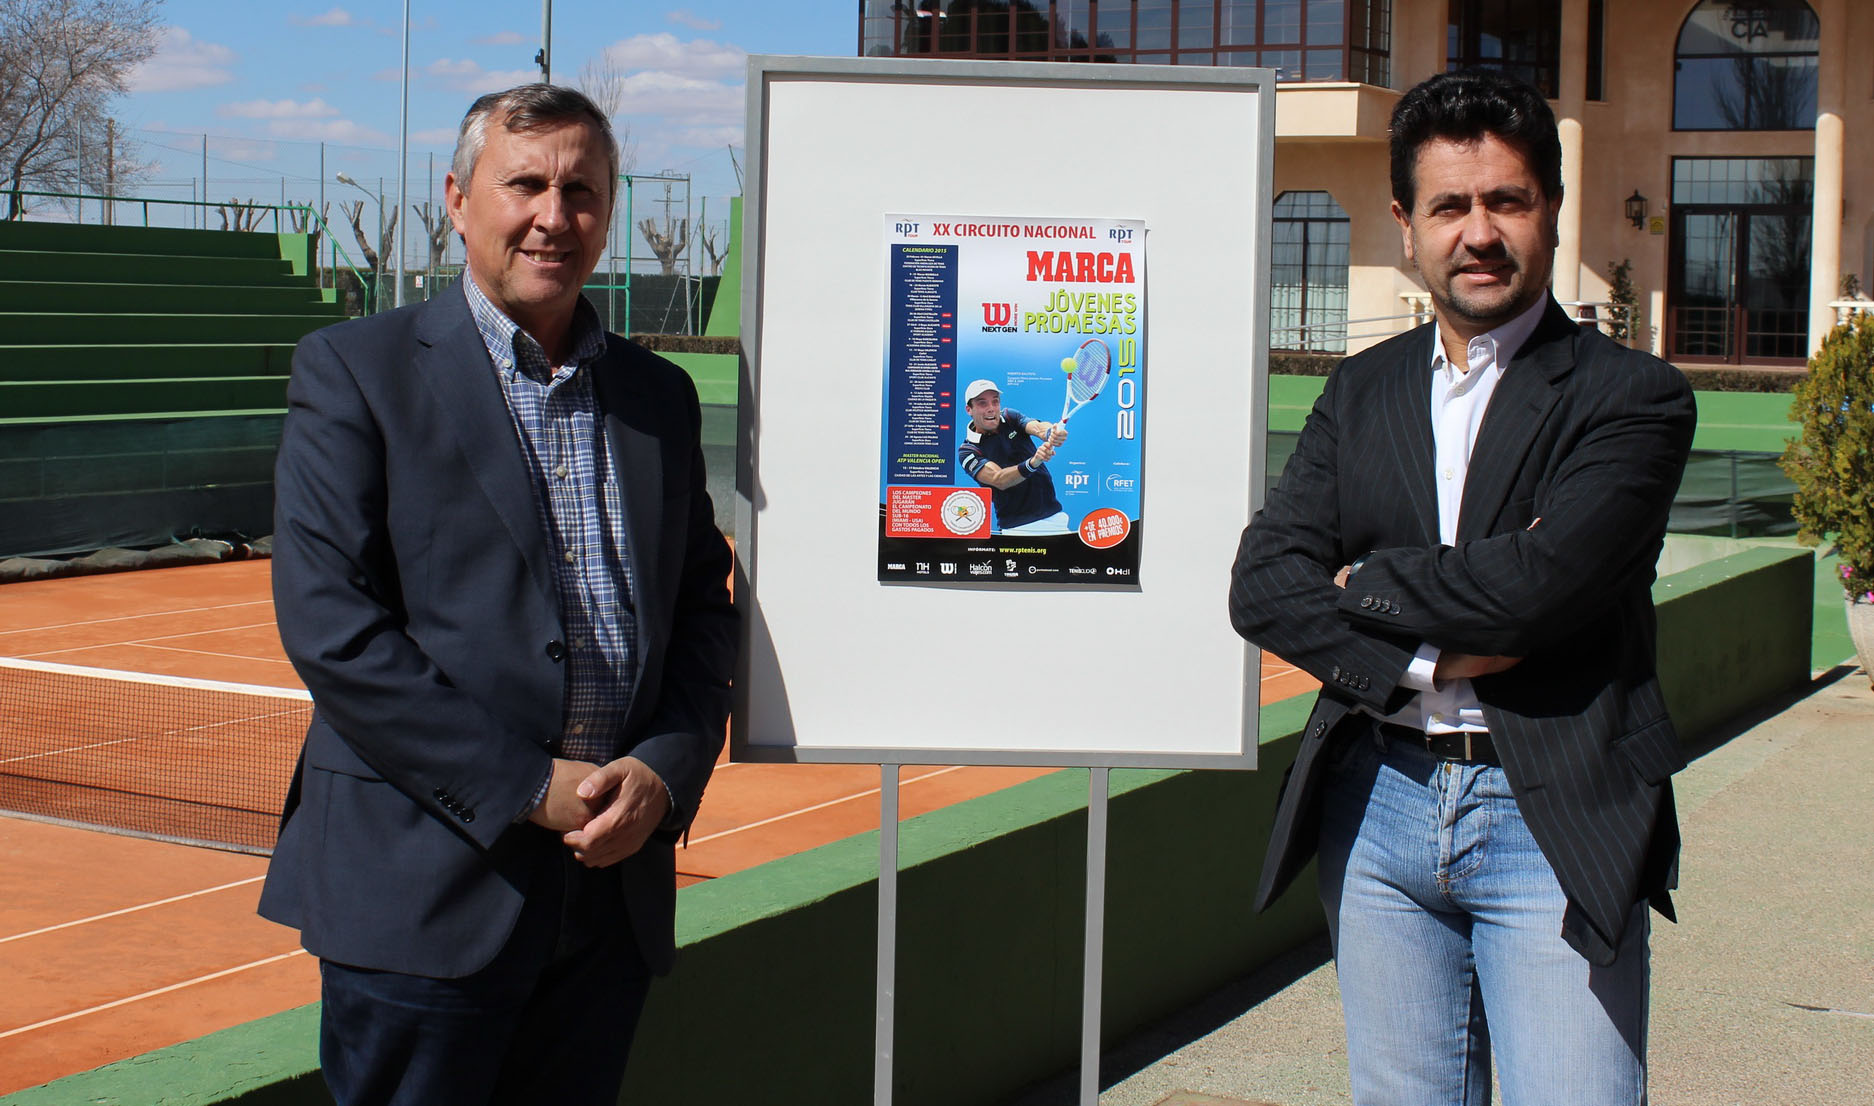 Presidente y director junto al cartel del torneo